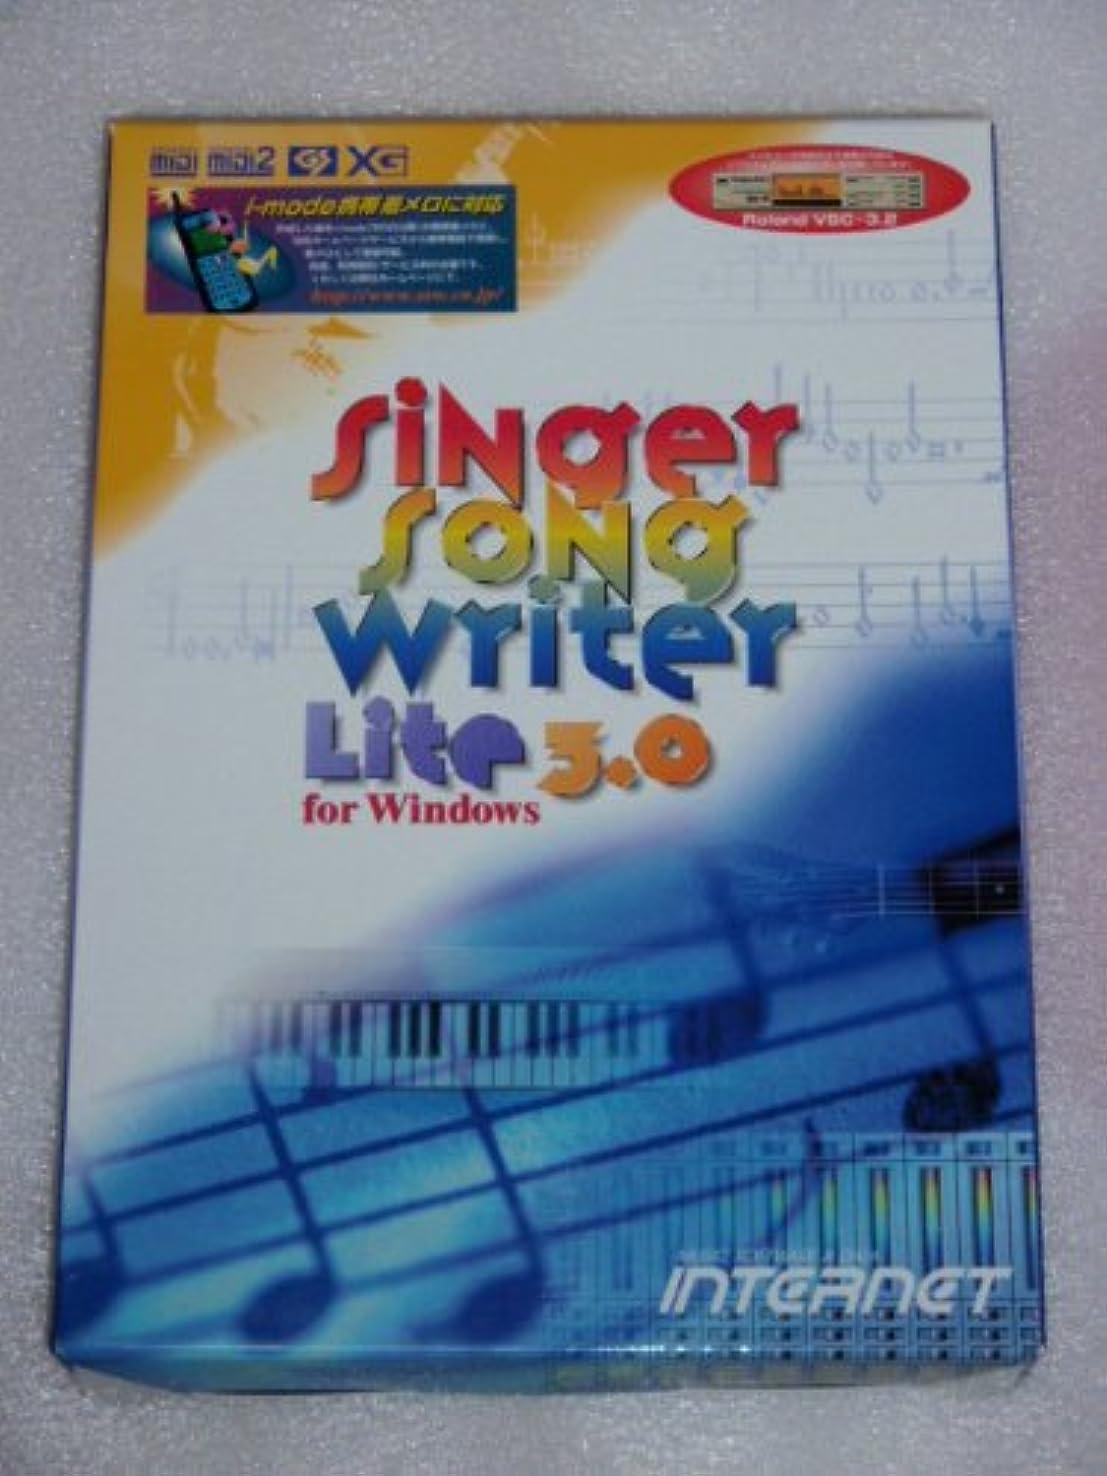 懐疑論飲食店爆発物Singer Song Writer Lite 3.0 for Windows